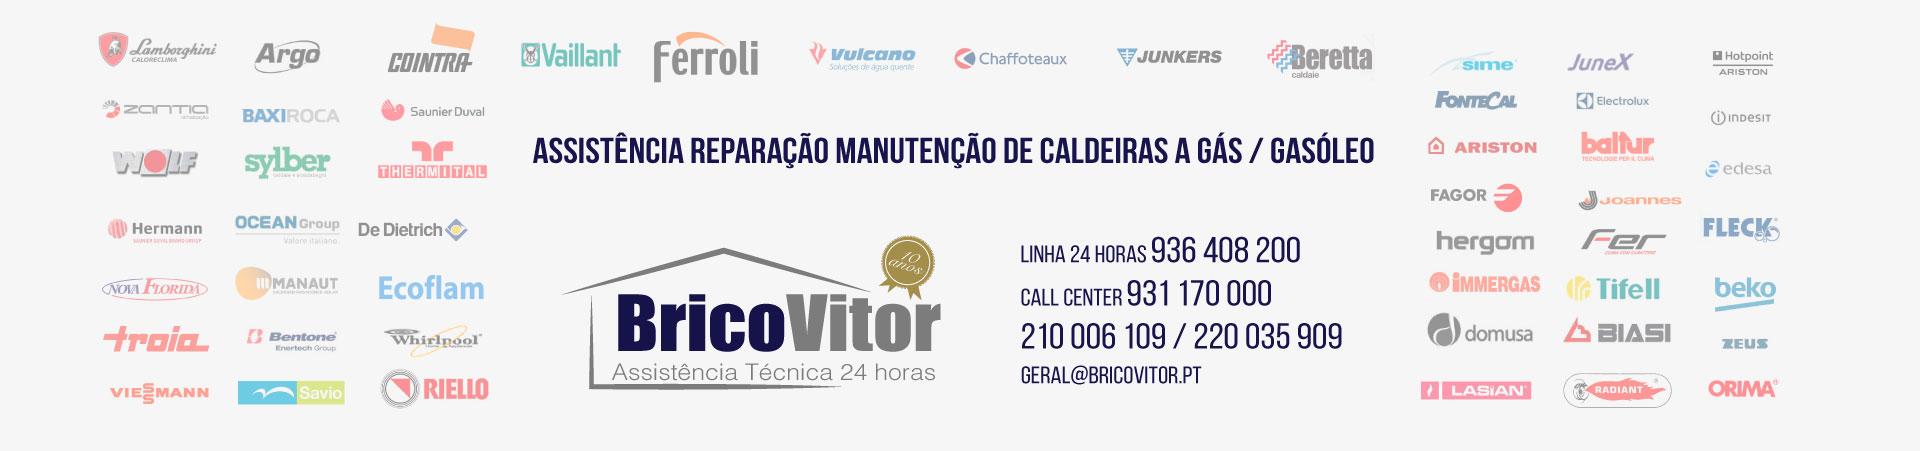 Assistência Reparação Caldeiras Milheirós 24 Horas